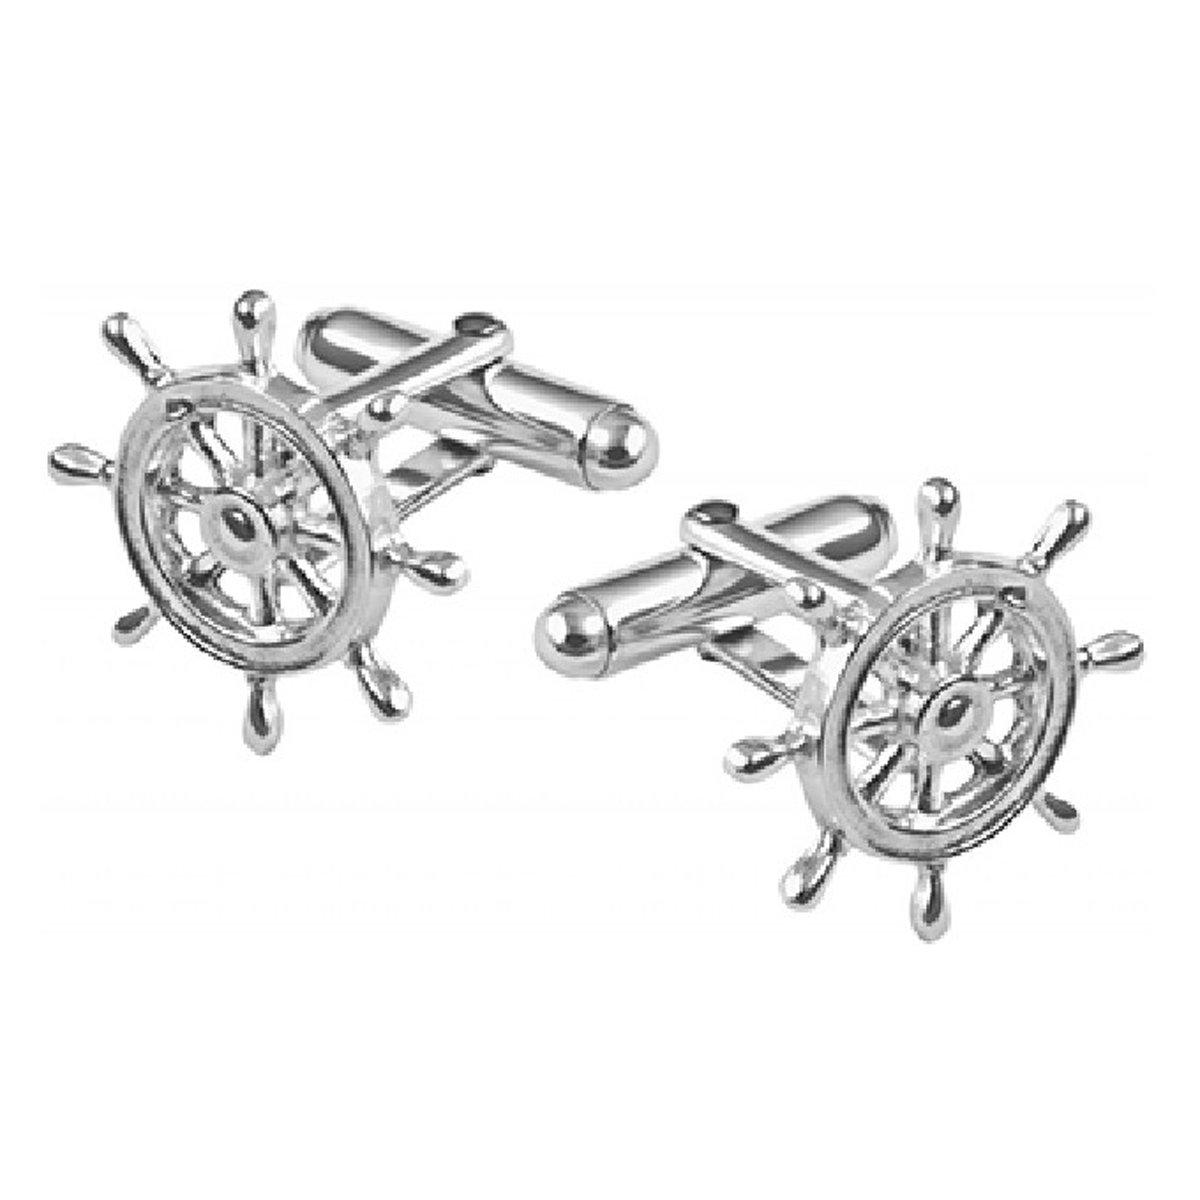 Zilveren manchetknopen van een stuurwiel kopen